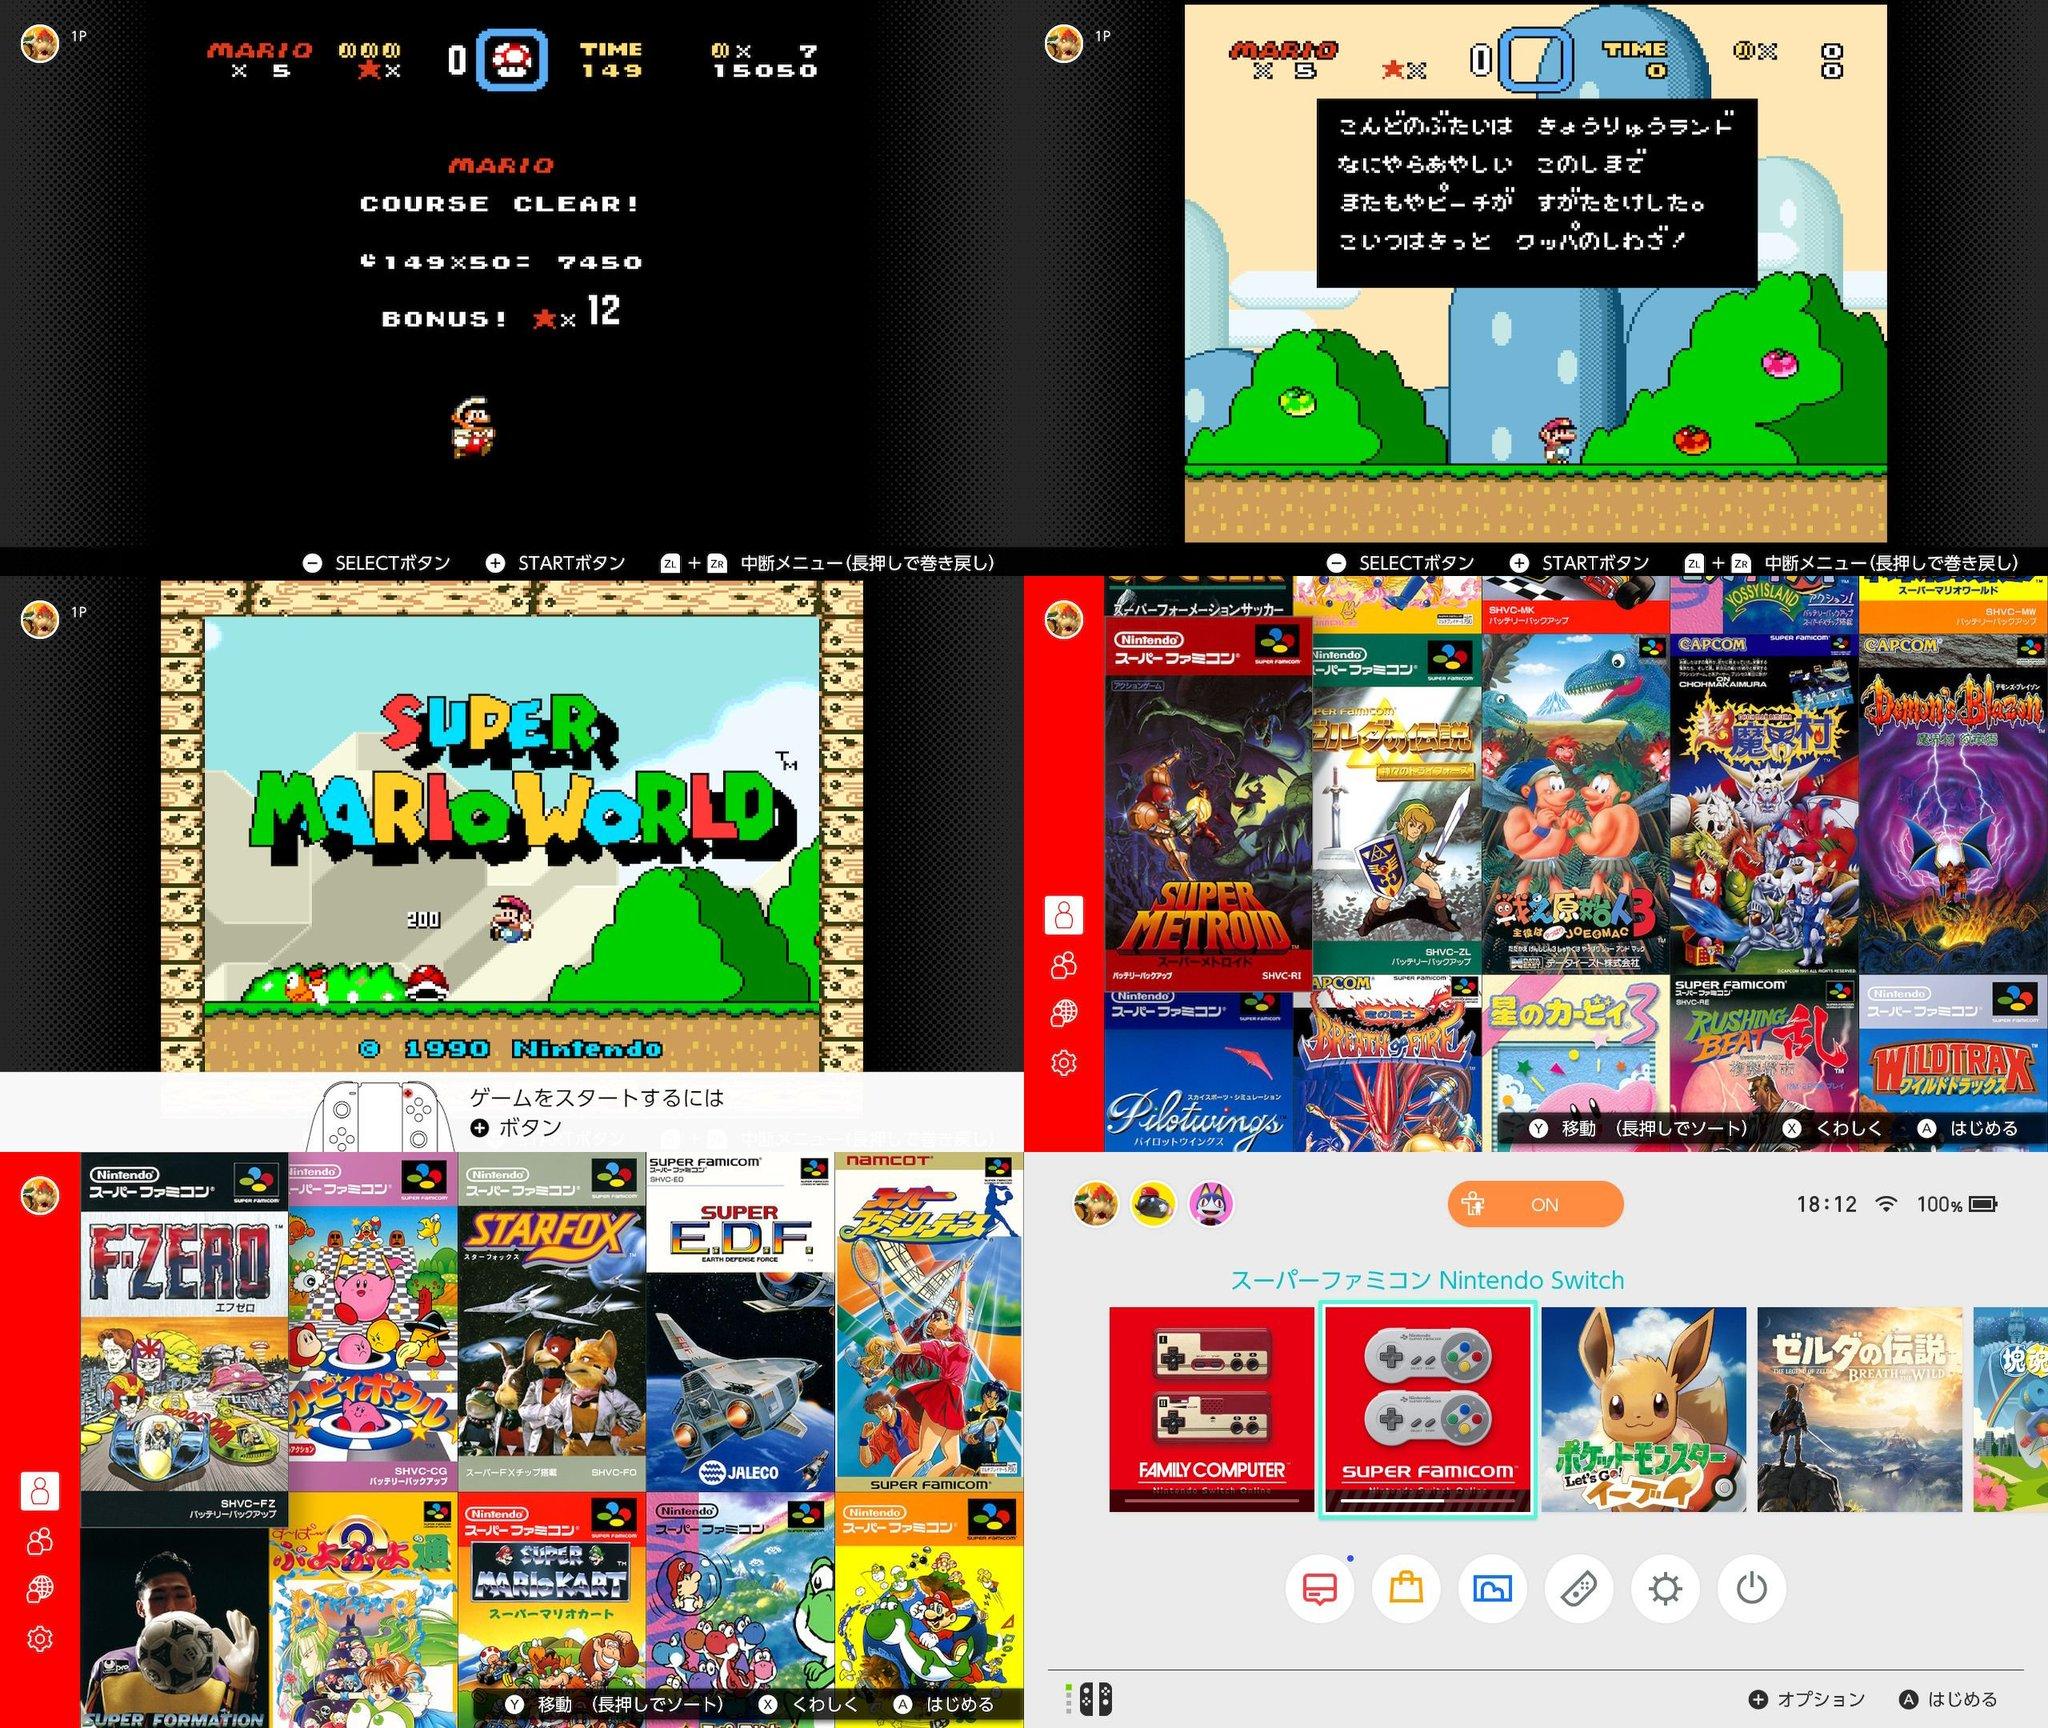 スーパーファミコン Nintendo Switch Online が本日から配信されたとのことでとりあえずスーパーマリオワールド1-1だけクリアしておく。 #NintendoSwitch https://t.co/JSdG5qjflf